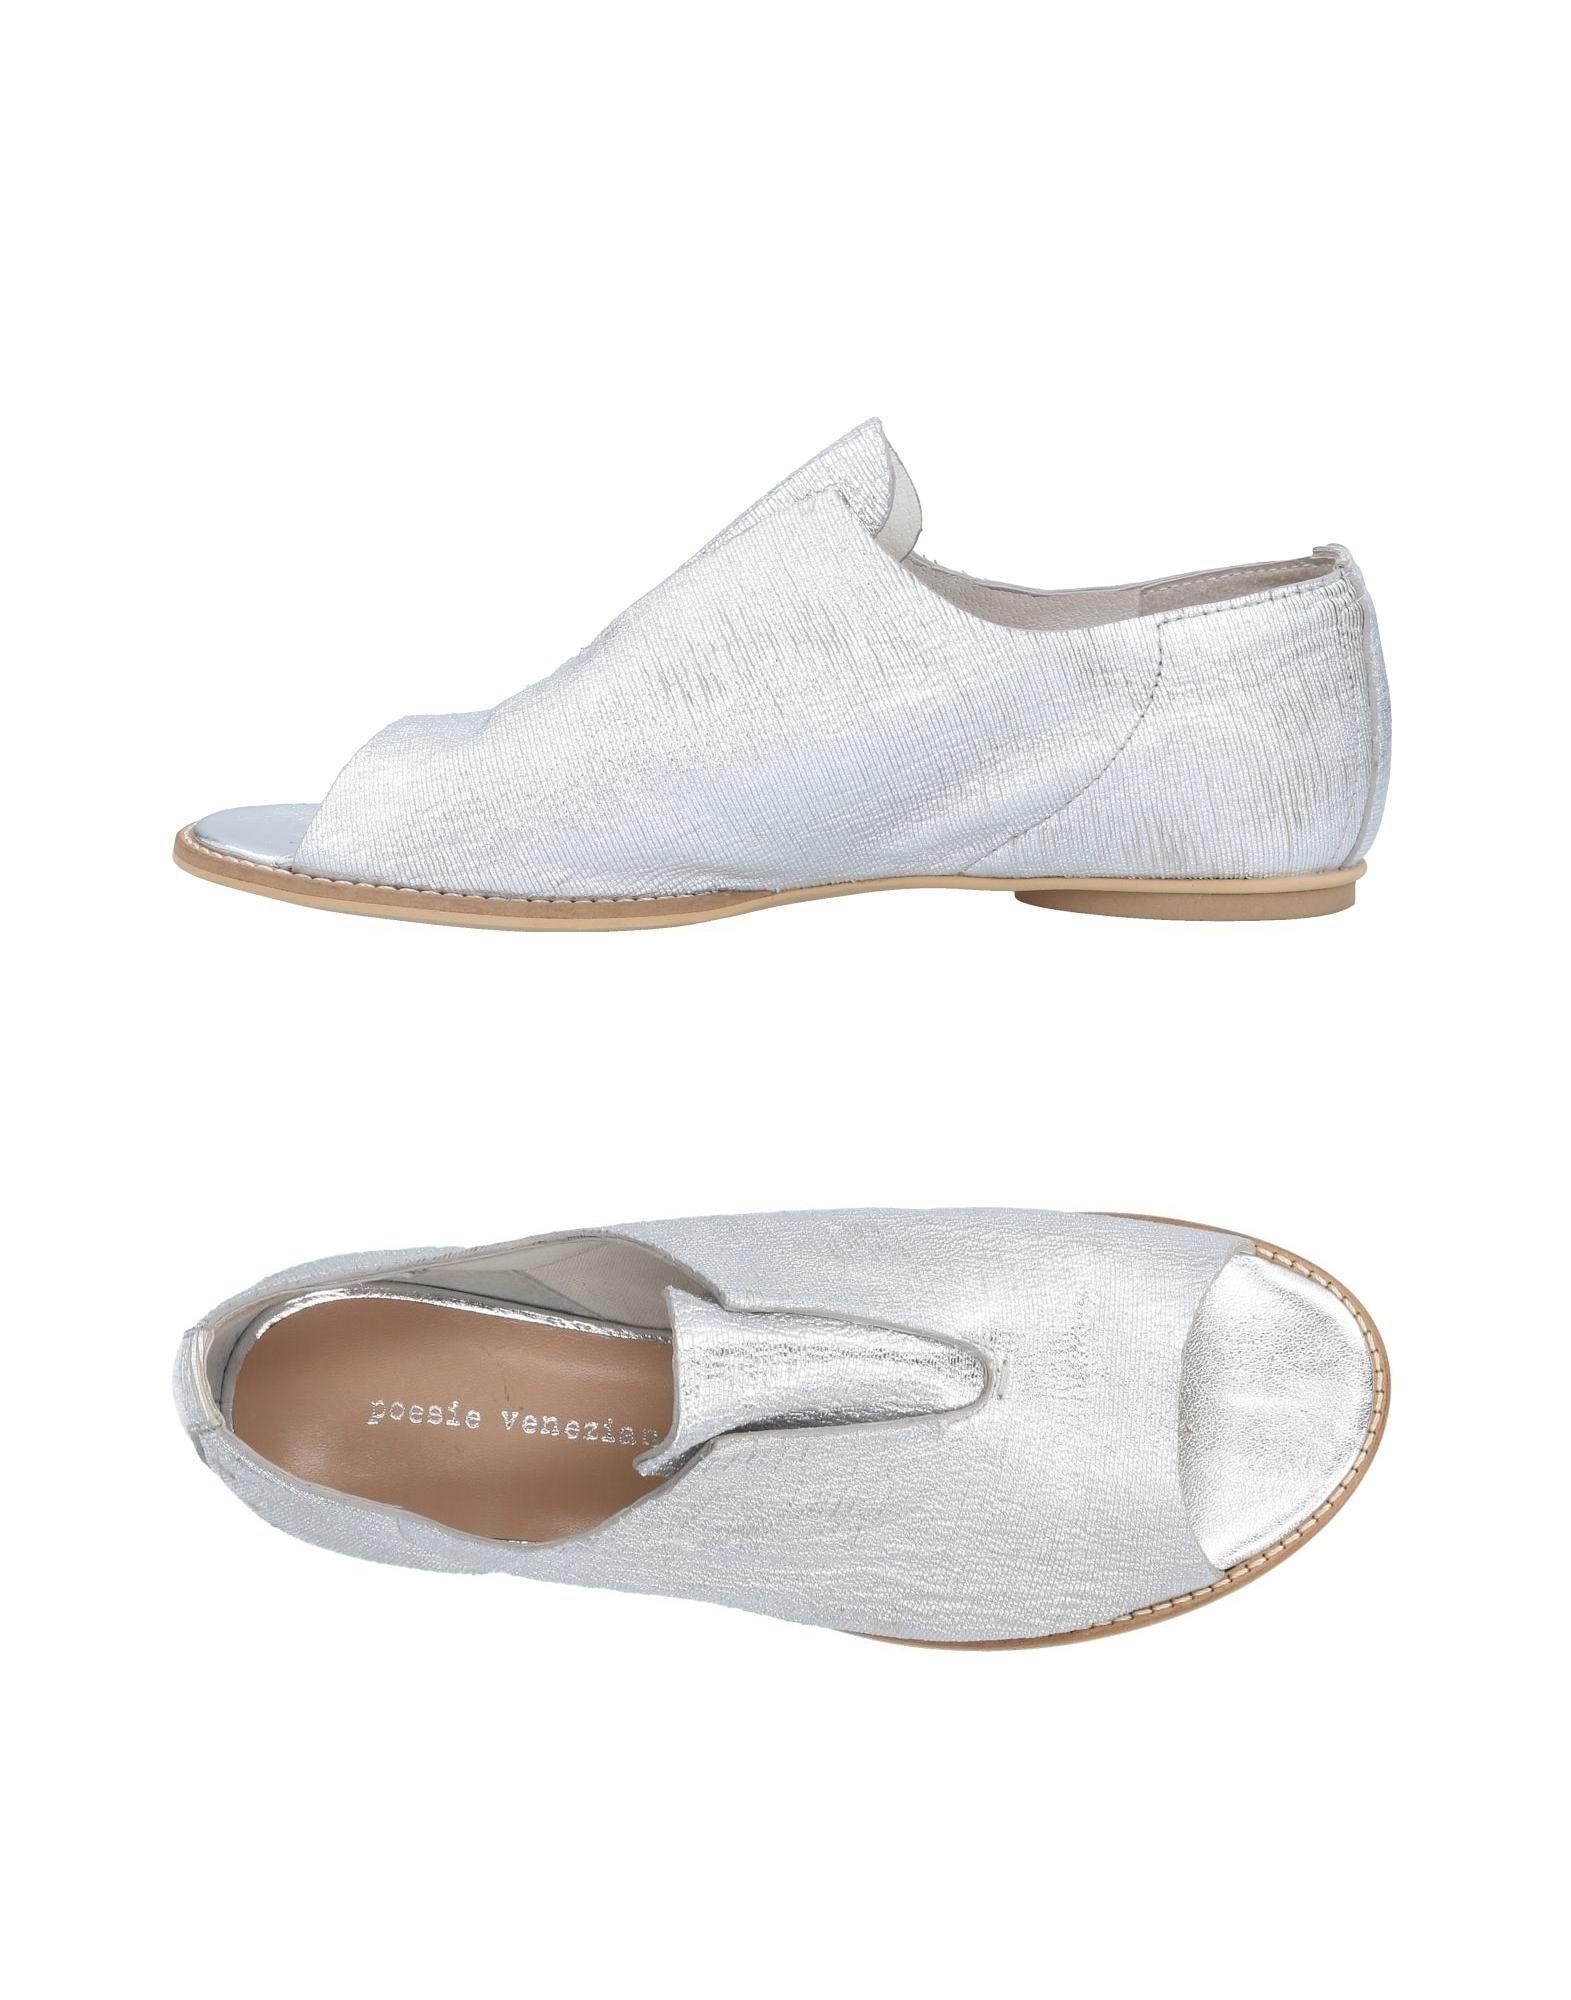 Poesie Veneziane Ballerinas Damen  11498752OX Gute Qualität beliebte Schuhe